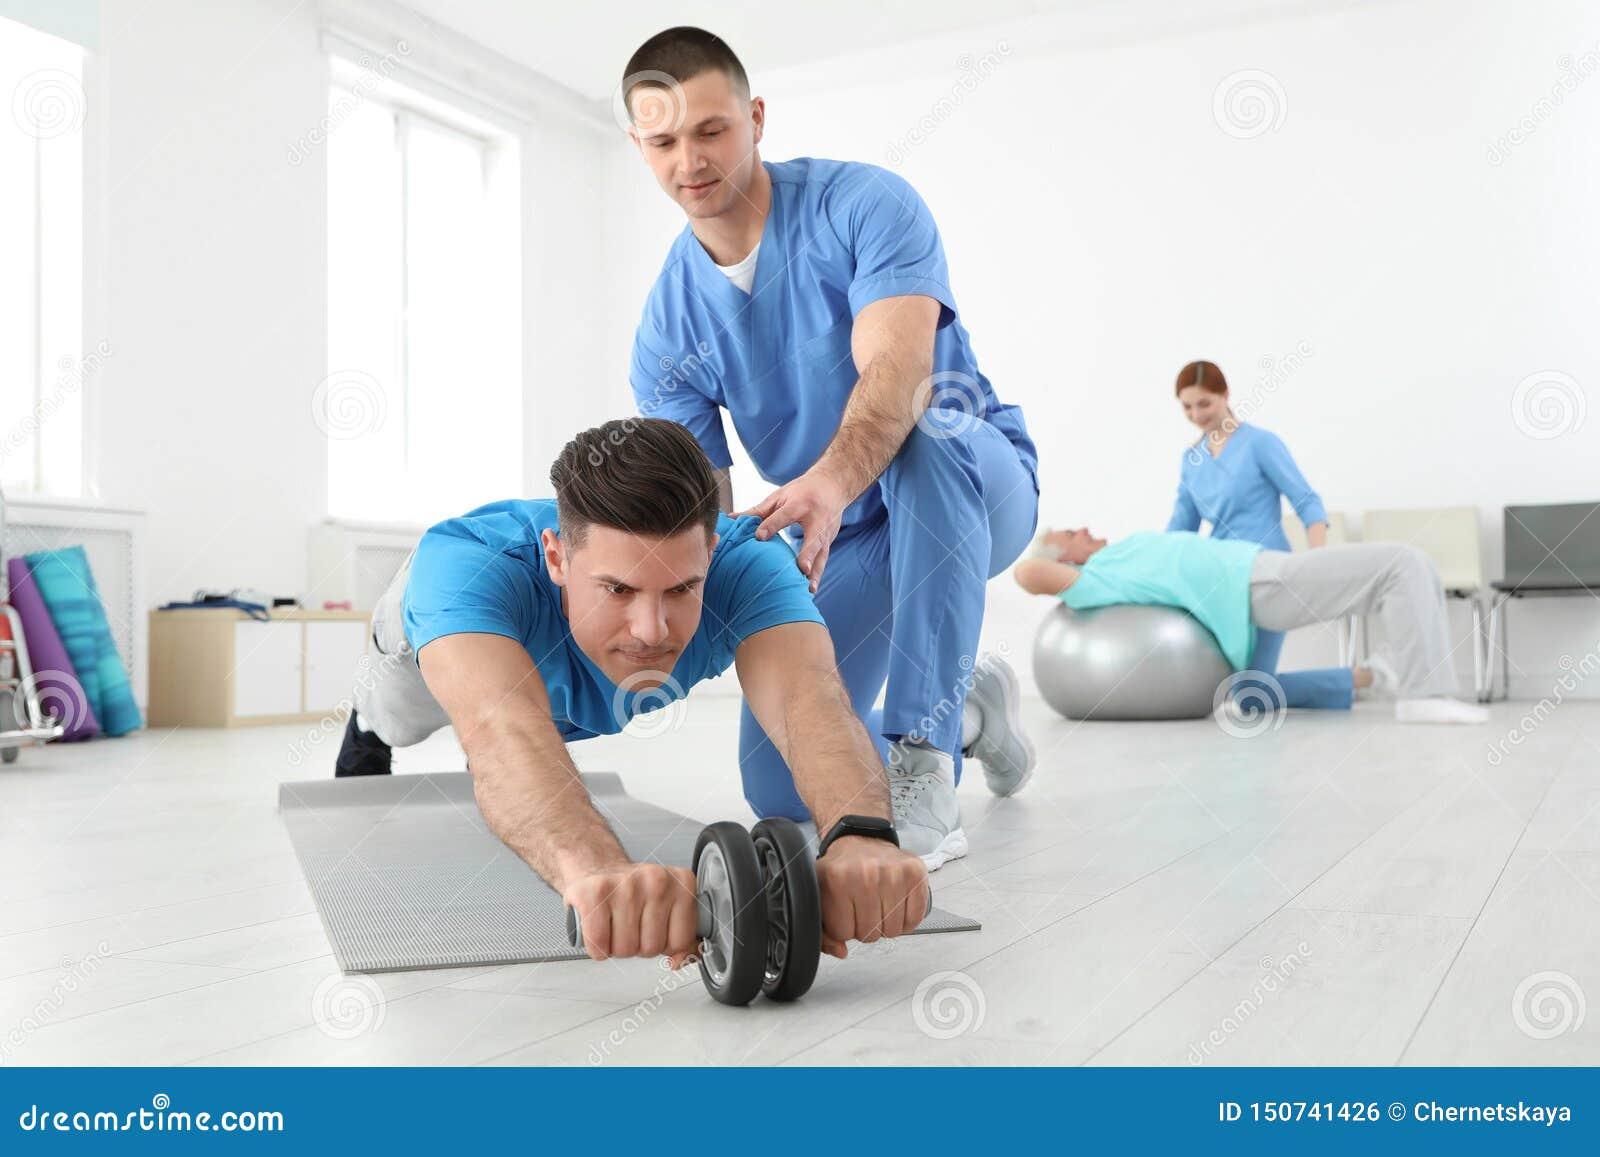 专业生理治疗师与男性患者一起使用